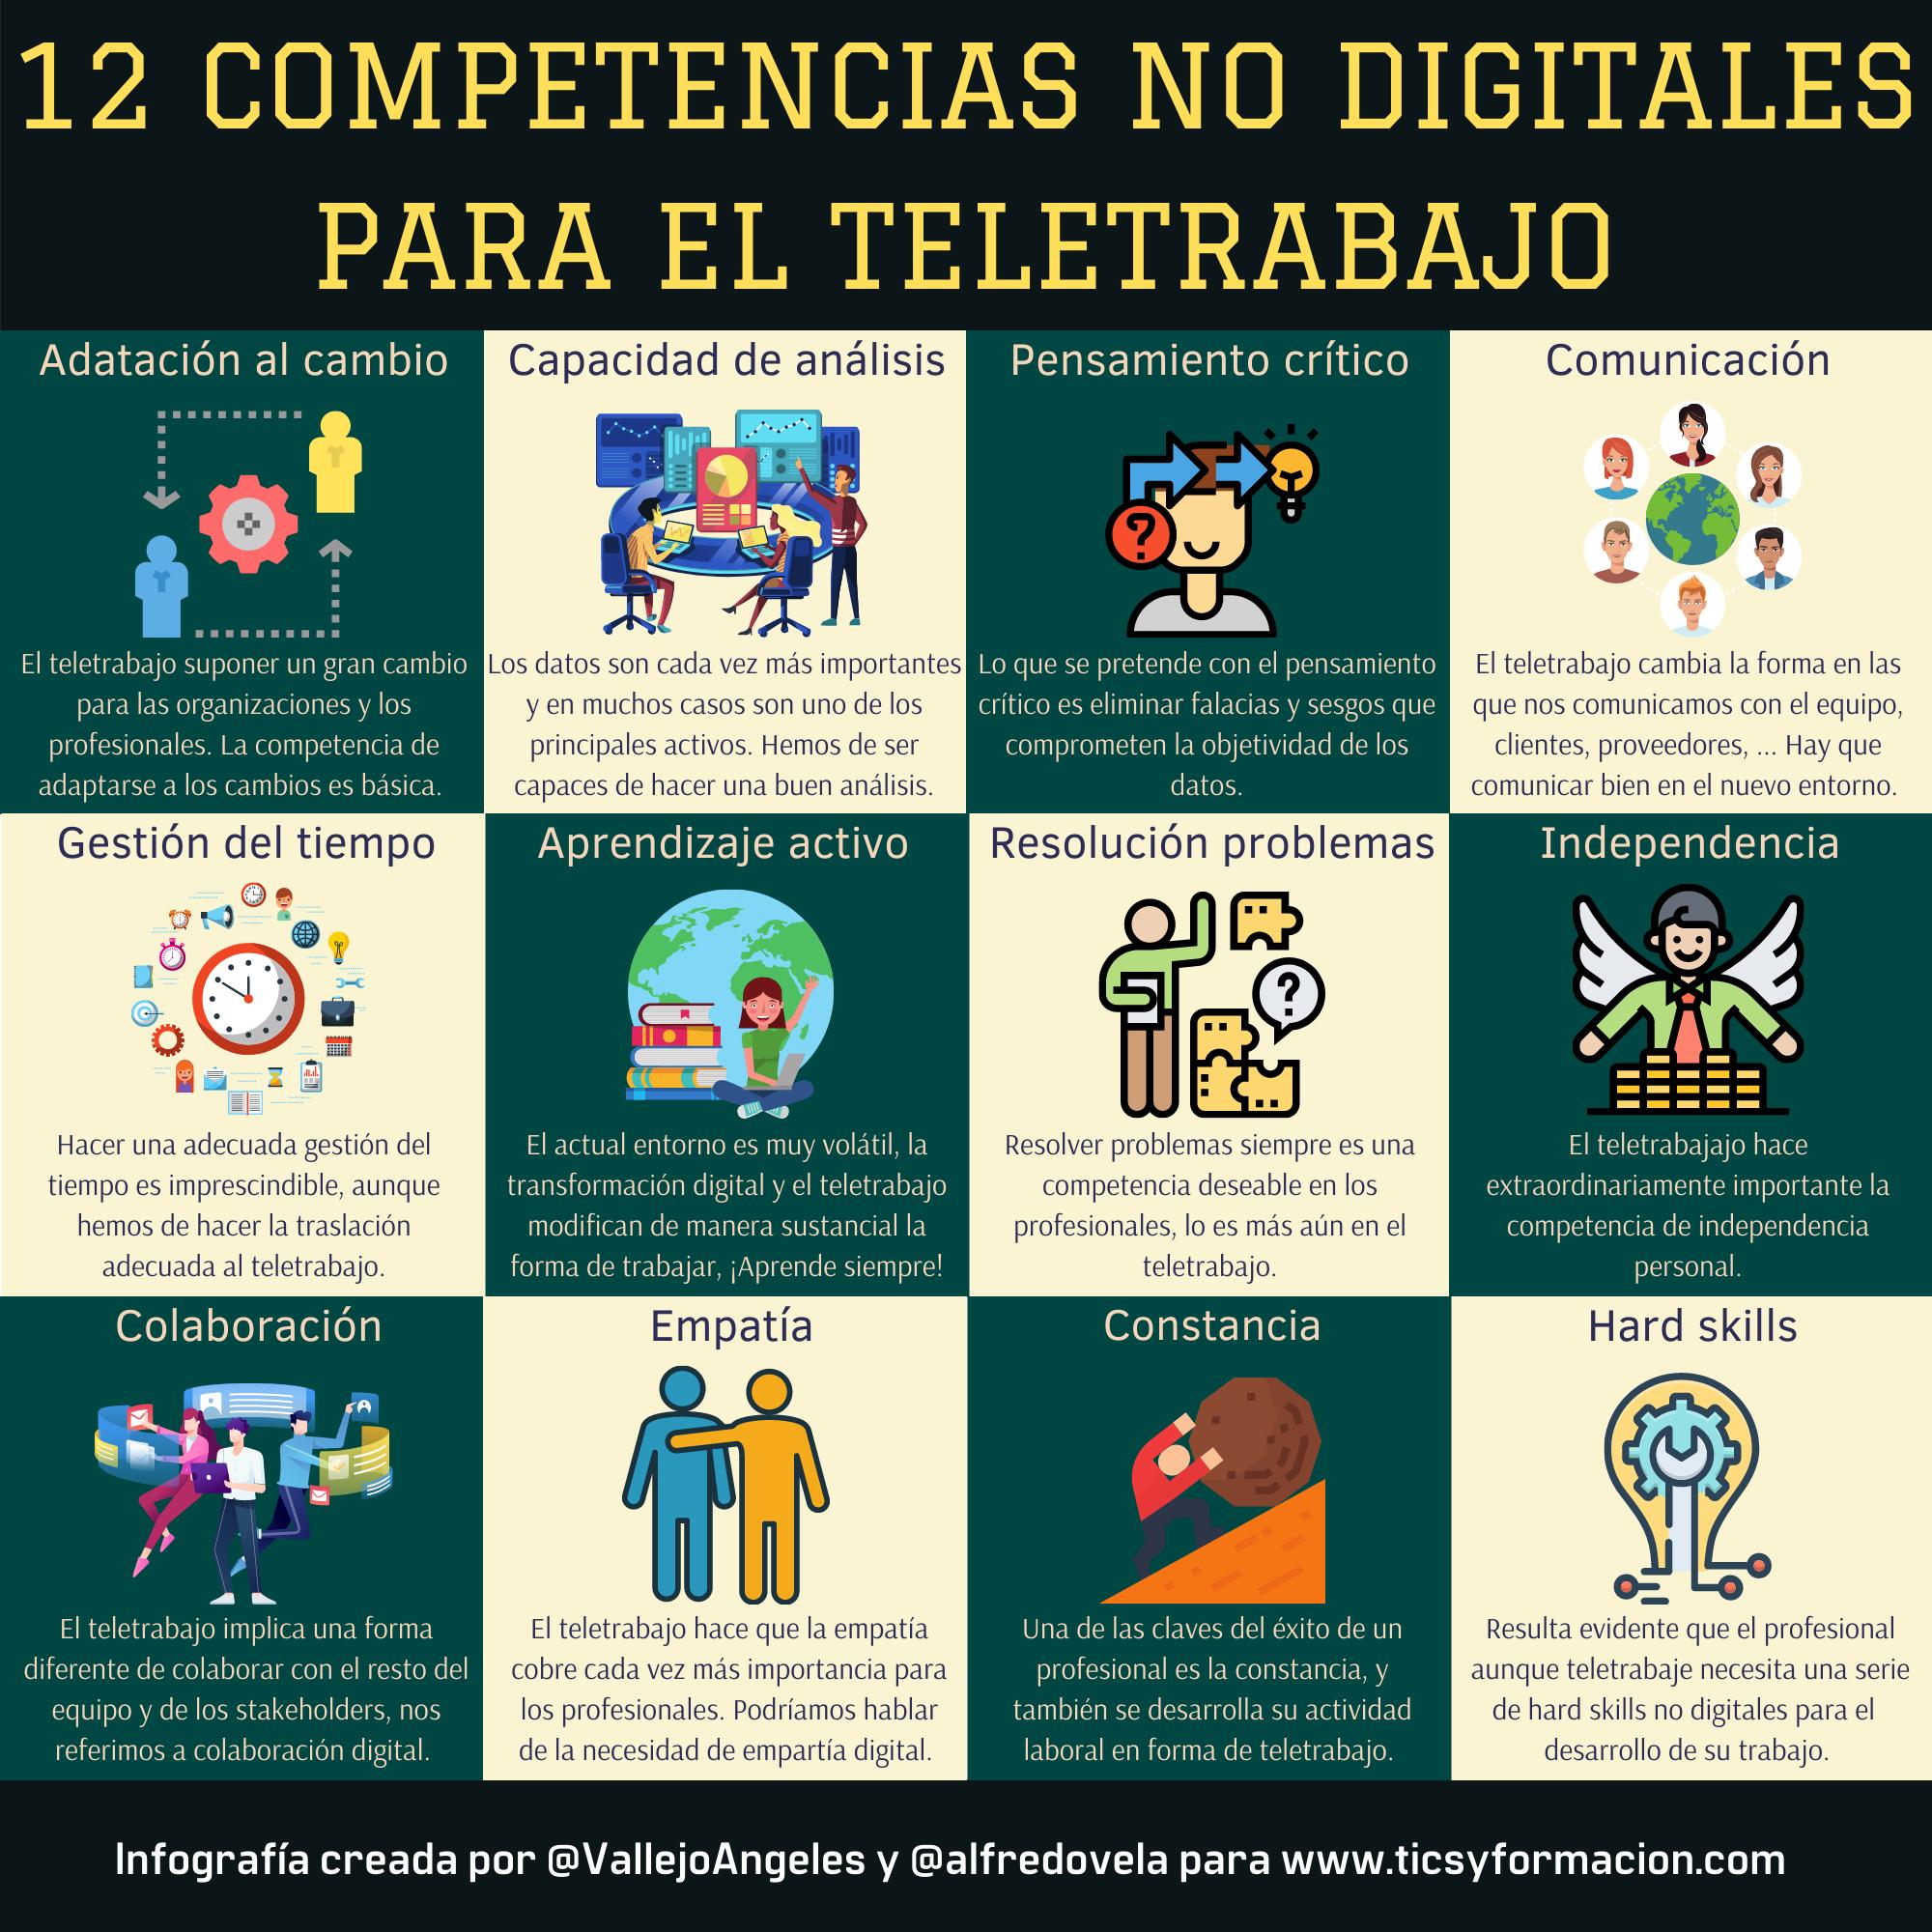 12 competencias no digitales de interés para el teletrabajo #infografia #FOL #RRHH